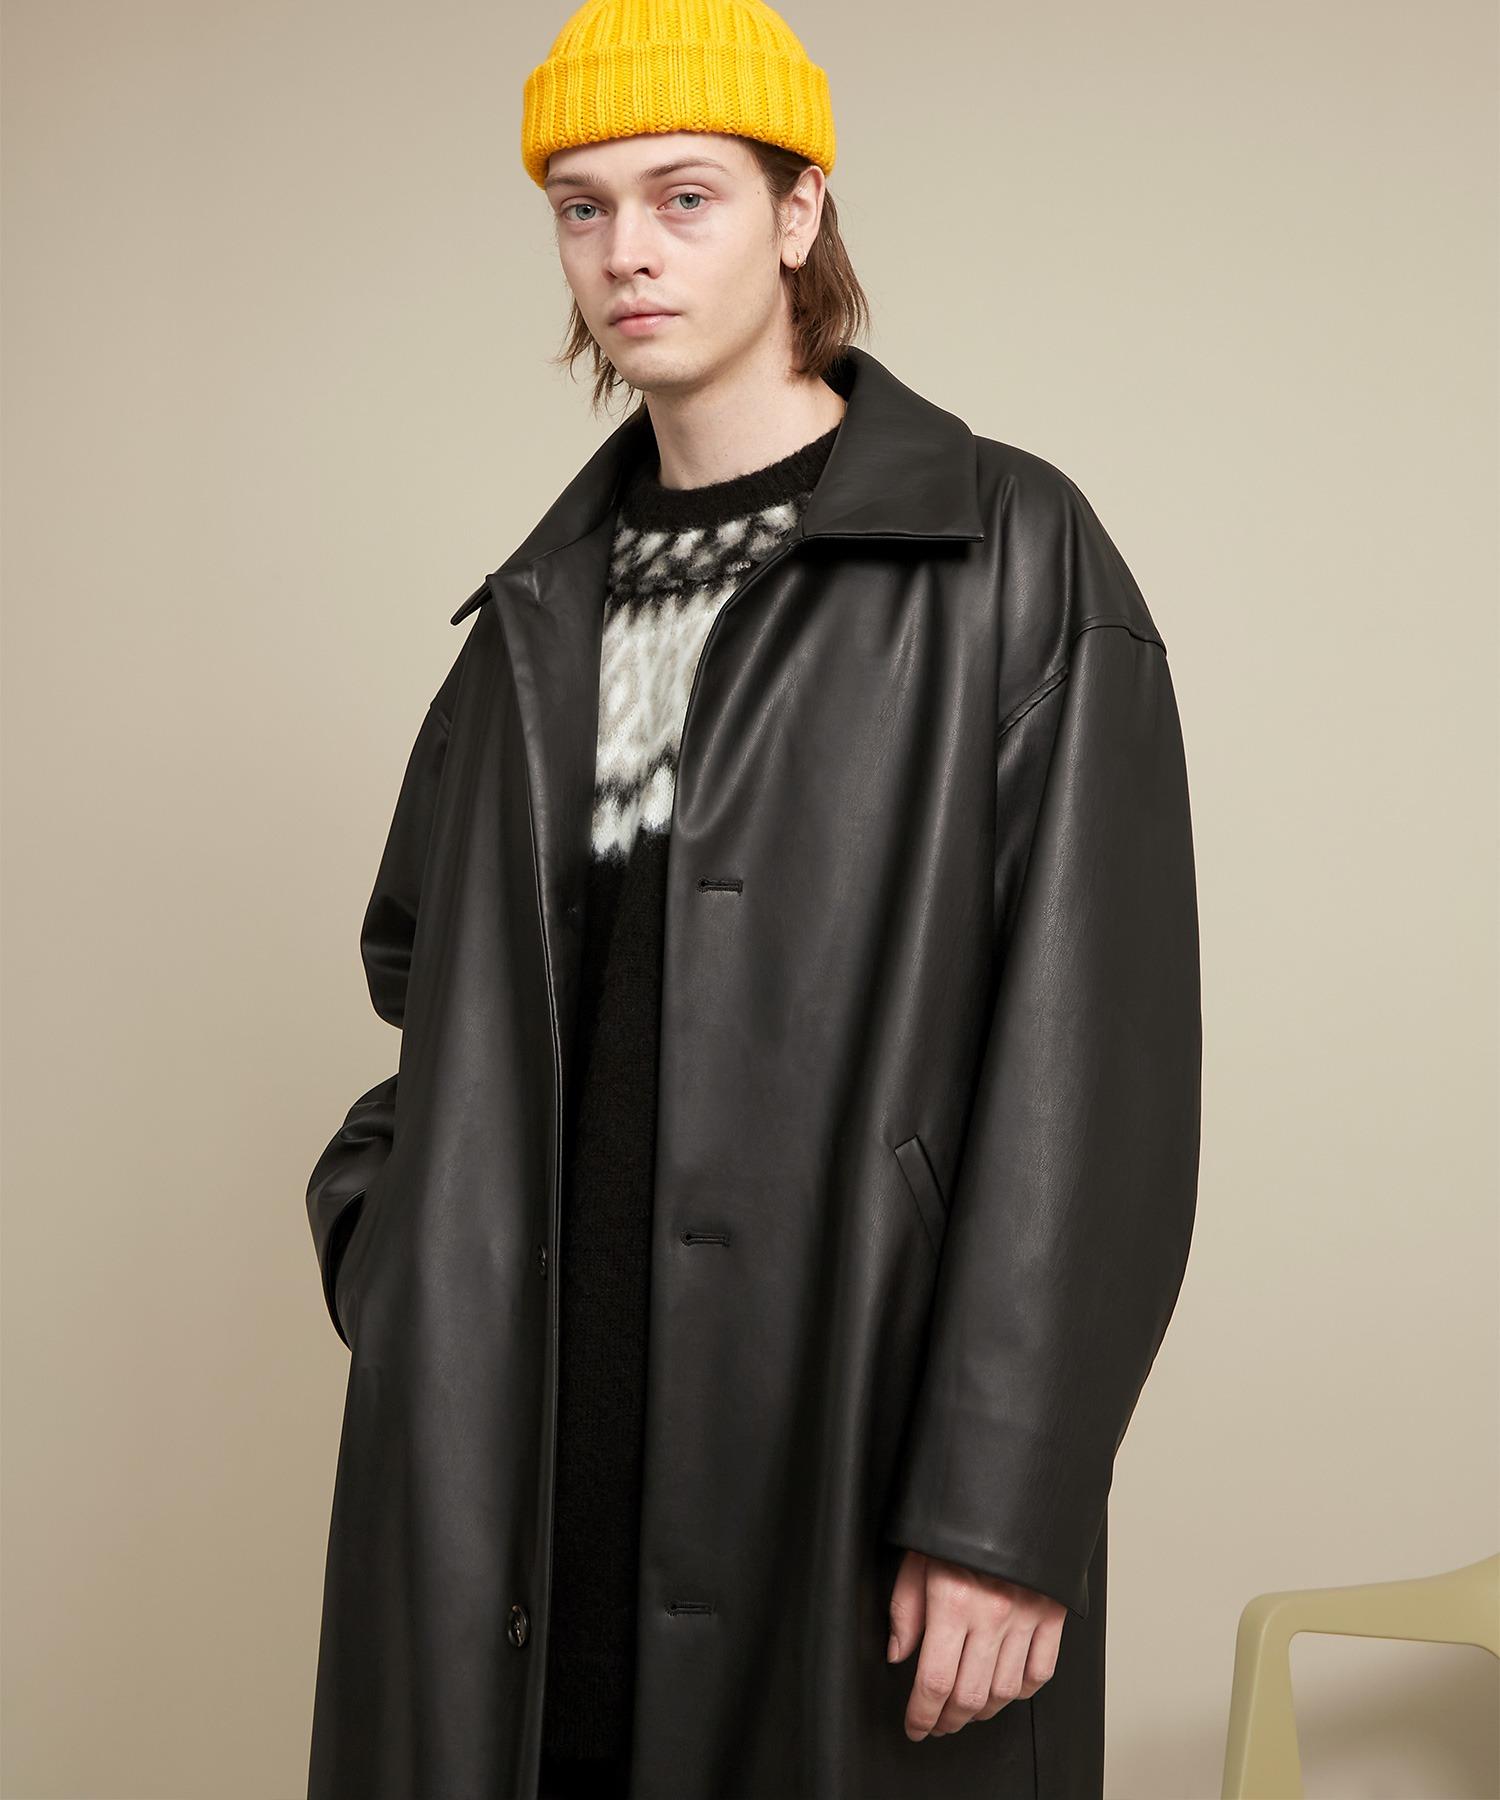 シンセティックレザー オーバサイズ ルーズスリーブバルカラーコート EMMA CLOTHES 2020AW